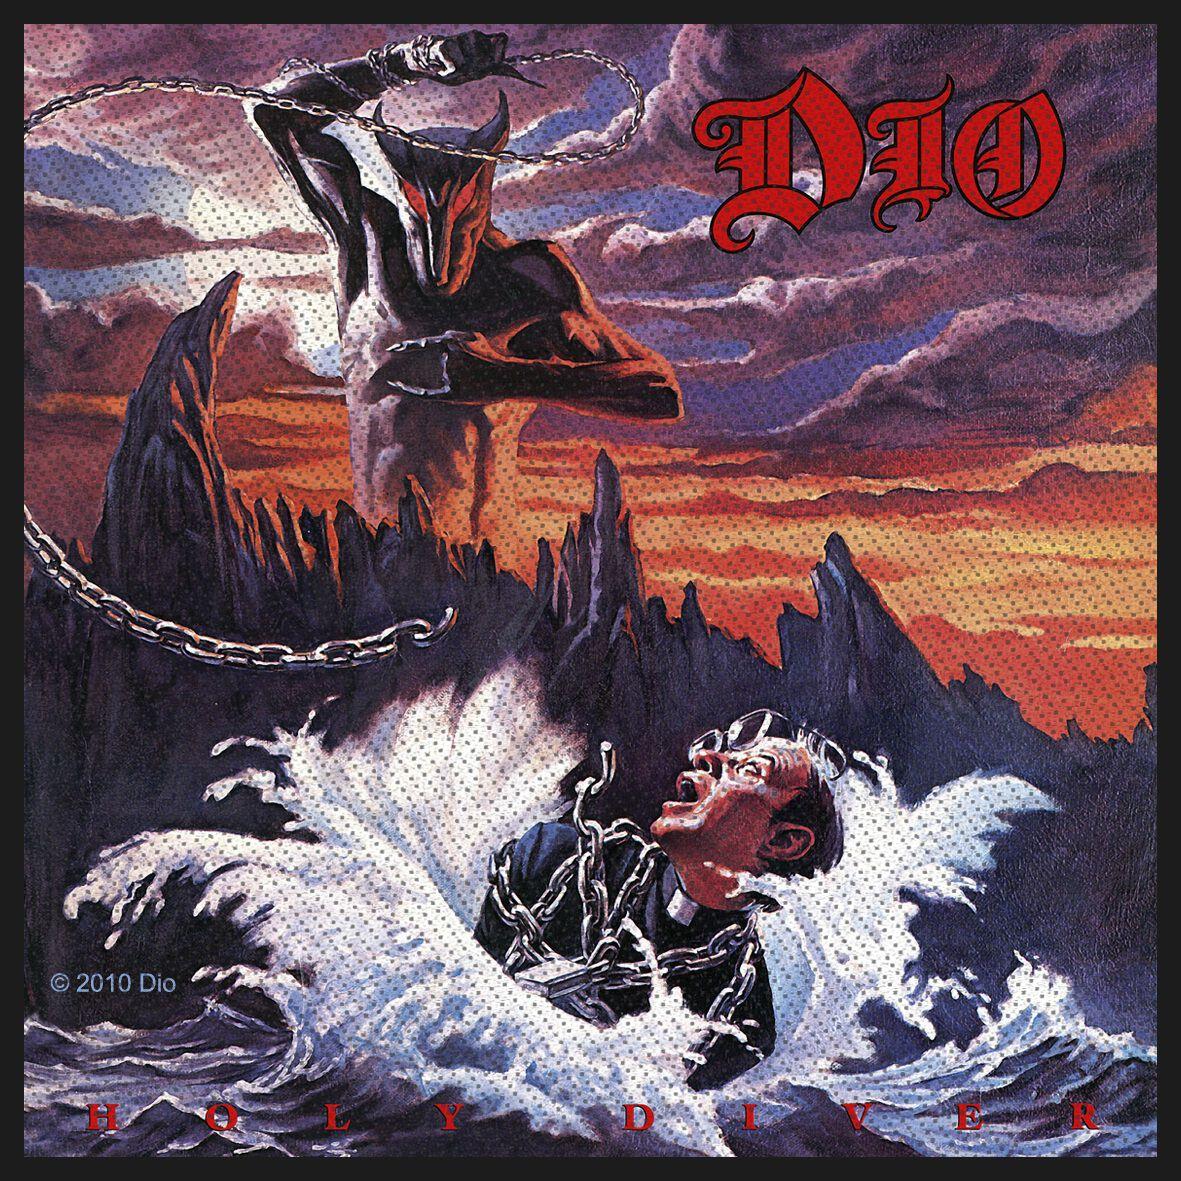 Zespoły - Naszywki - Naszywka Dio Holy diver Naszywka standard - 261613